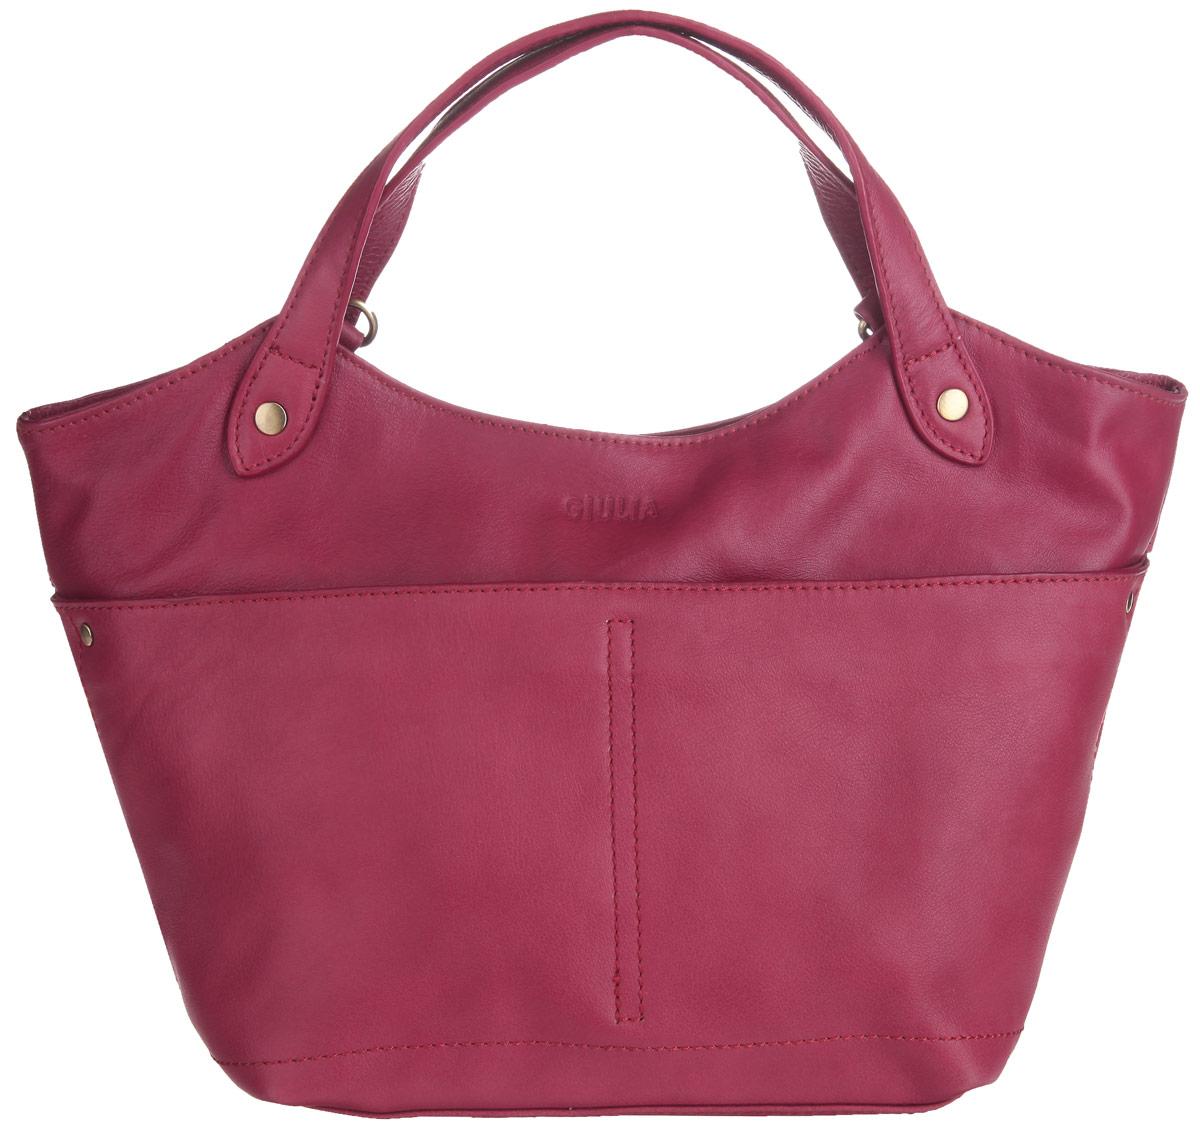 Сумка женская Giulia, цвет: темно-красный. 3124531245 redИзысканная женская сумка Giulia выполнена из натуральной кожи. Сумка имеет одно основное отделение, закрывающееся на застежку-молнию. Внутри имеется прорезной кармашек на застежке-молнии и два накладных кармашка, один из которых закрывается на хлястик с липучкой. Снаружи на задней стенке располагается прорезной карман на застежке-молнии. На передней стенке находятся два накладных открытых кармана. Сумка оснащена двумя удобными ручками. В комплект входит съемный плечевой ремень. Роскошная сумка внесет элегантные нотки в ваш образ и подчеркнет ваше отменное чувство стиля.